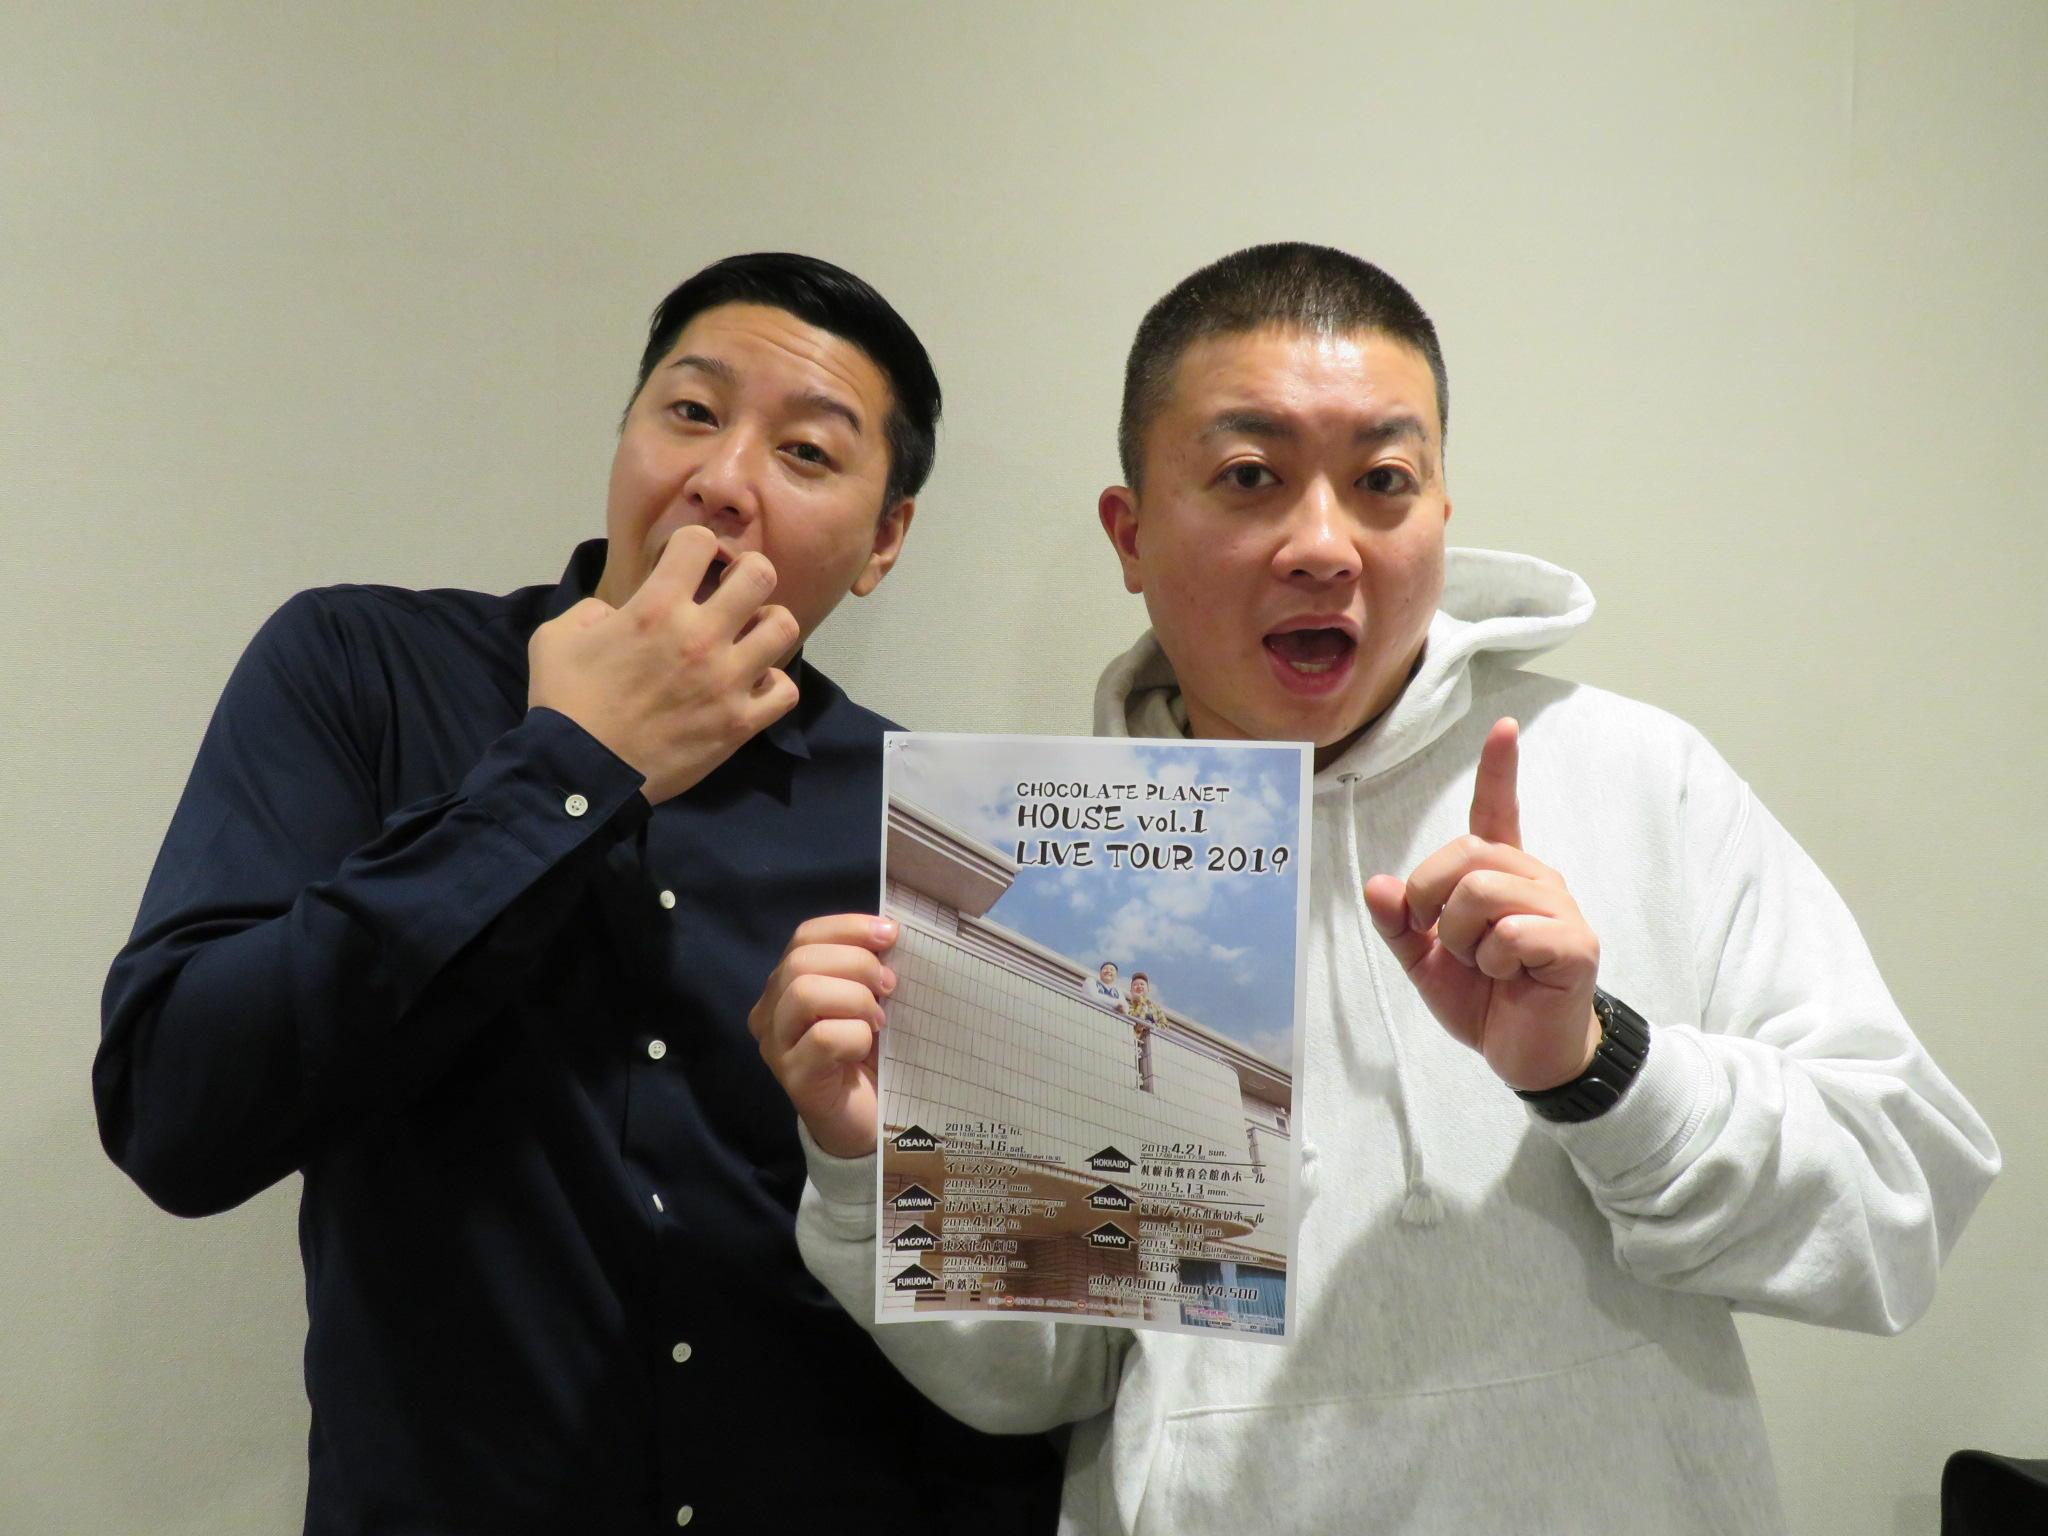 http://news.yoshimoto.co.jp/20190111220944-687d3d2f6a26b649d79f9bfa278ee39667d52626.jpg